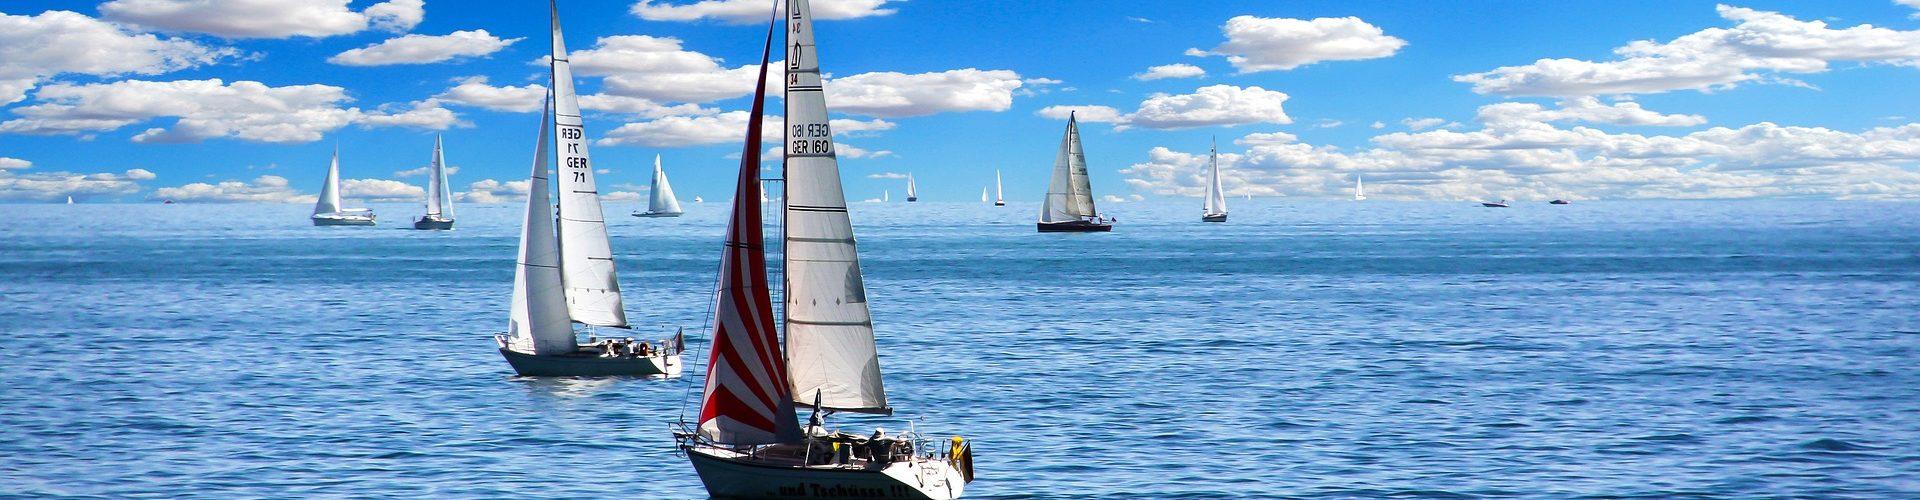 segeln lernen in Unstruttal segelschein machen in Unstruttal 1920x500 - Segeln lernen in Unstruttal